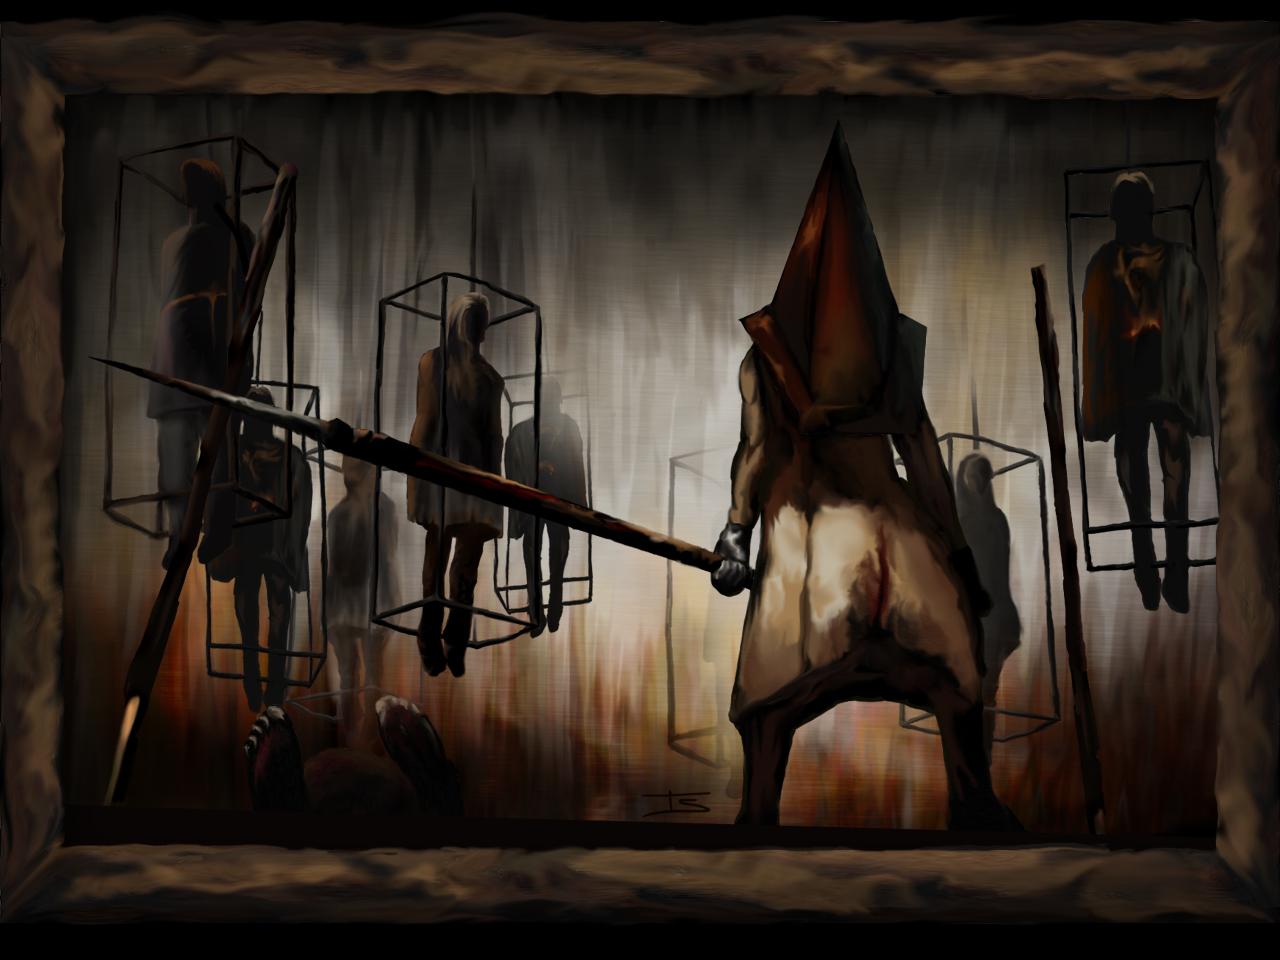 Best Wallpaper Halloween Horse - Halloween-9  Picture_868411.jpg